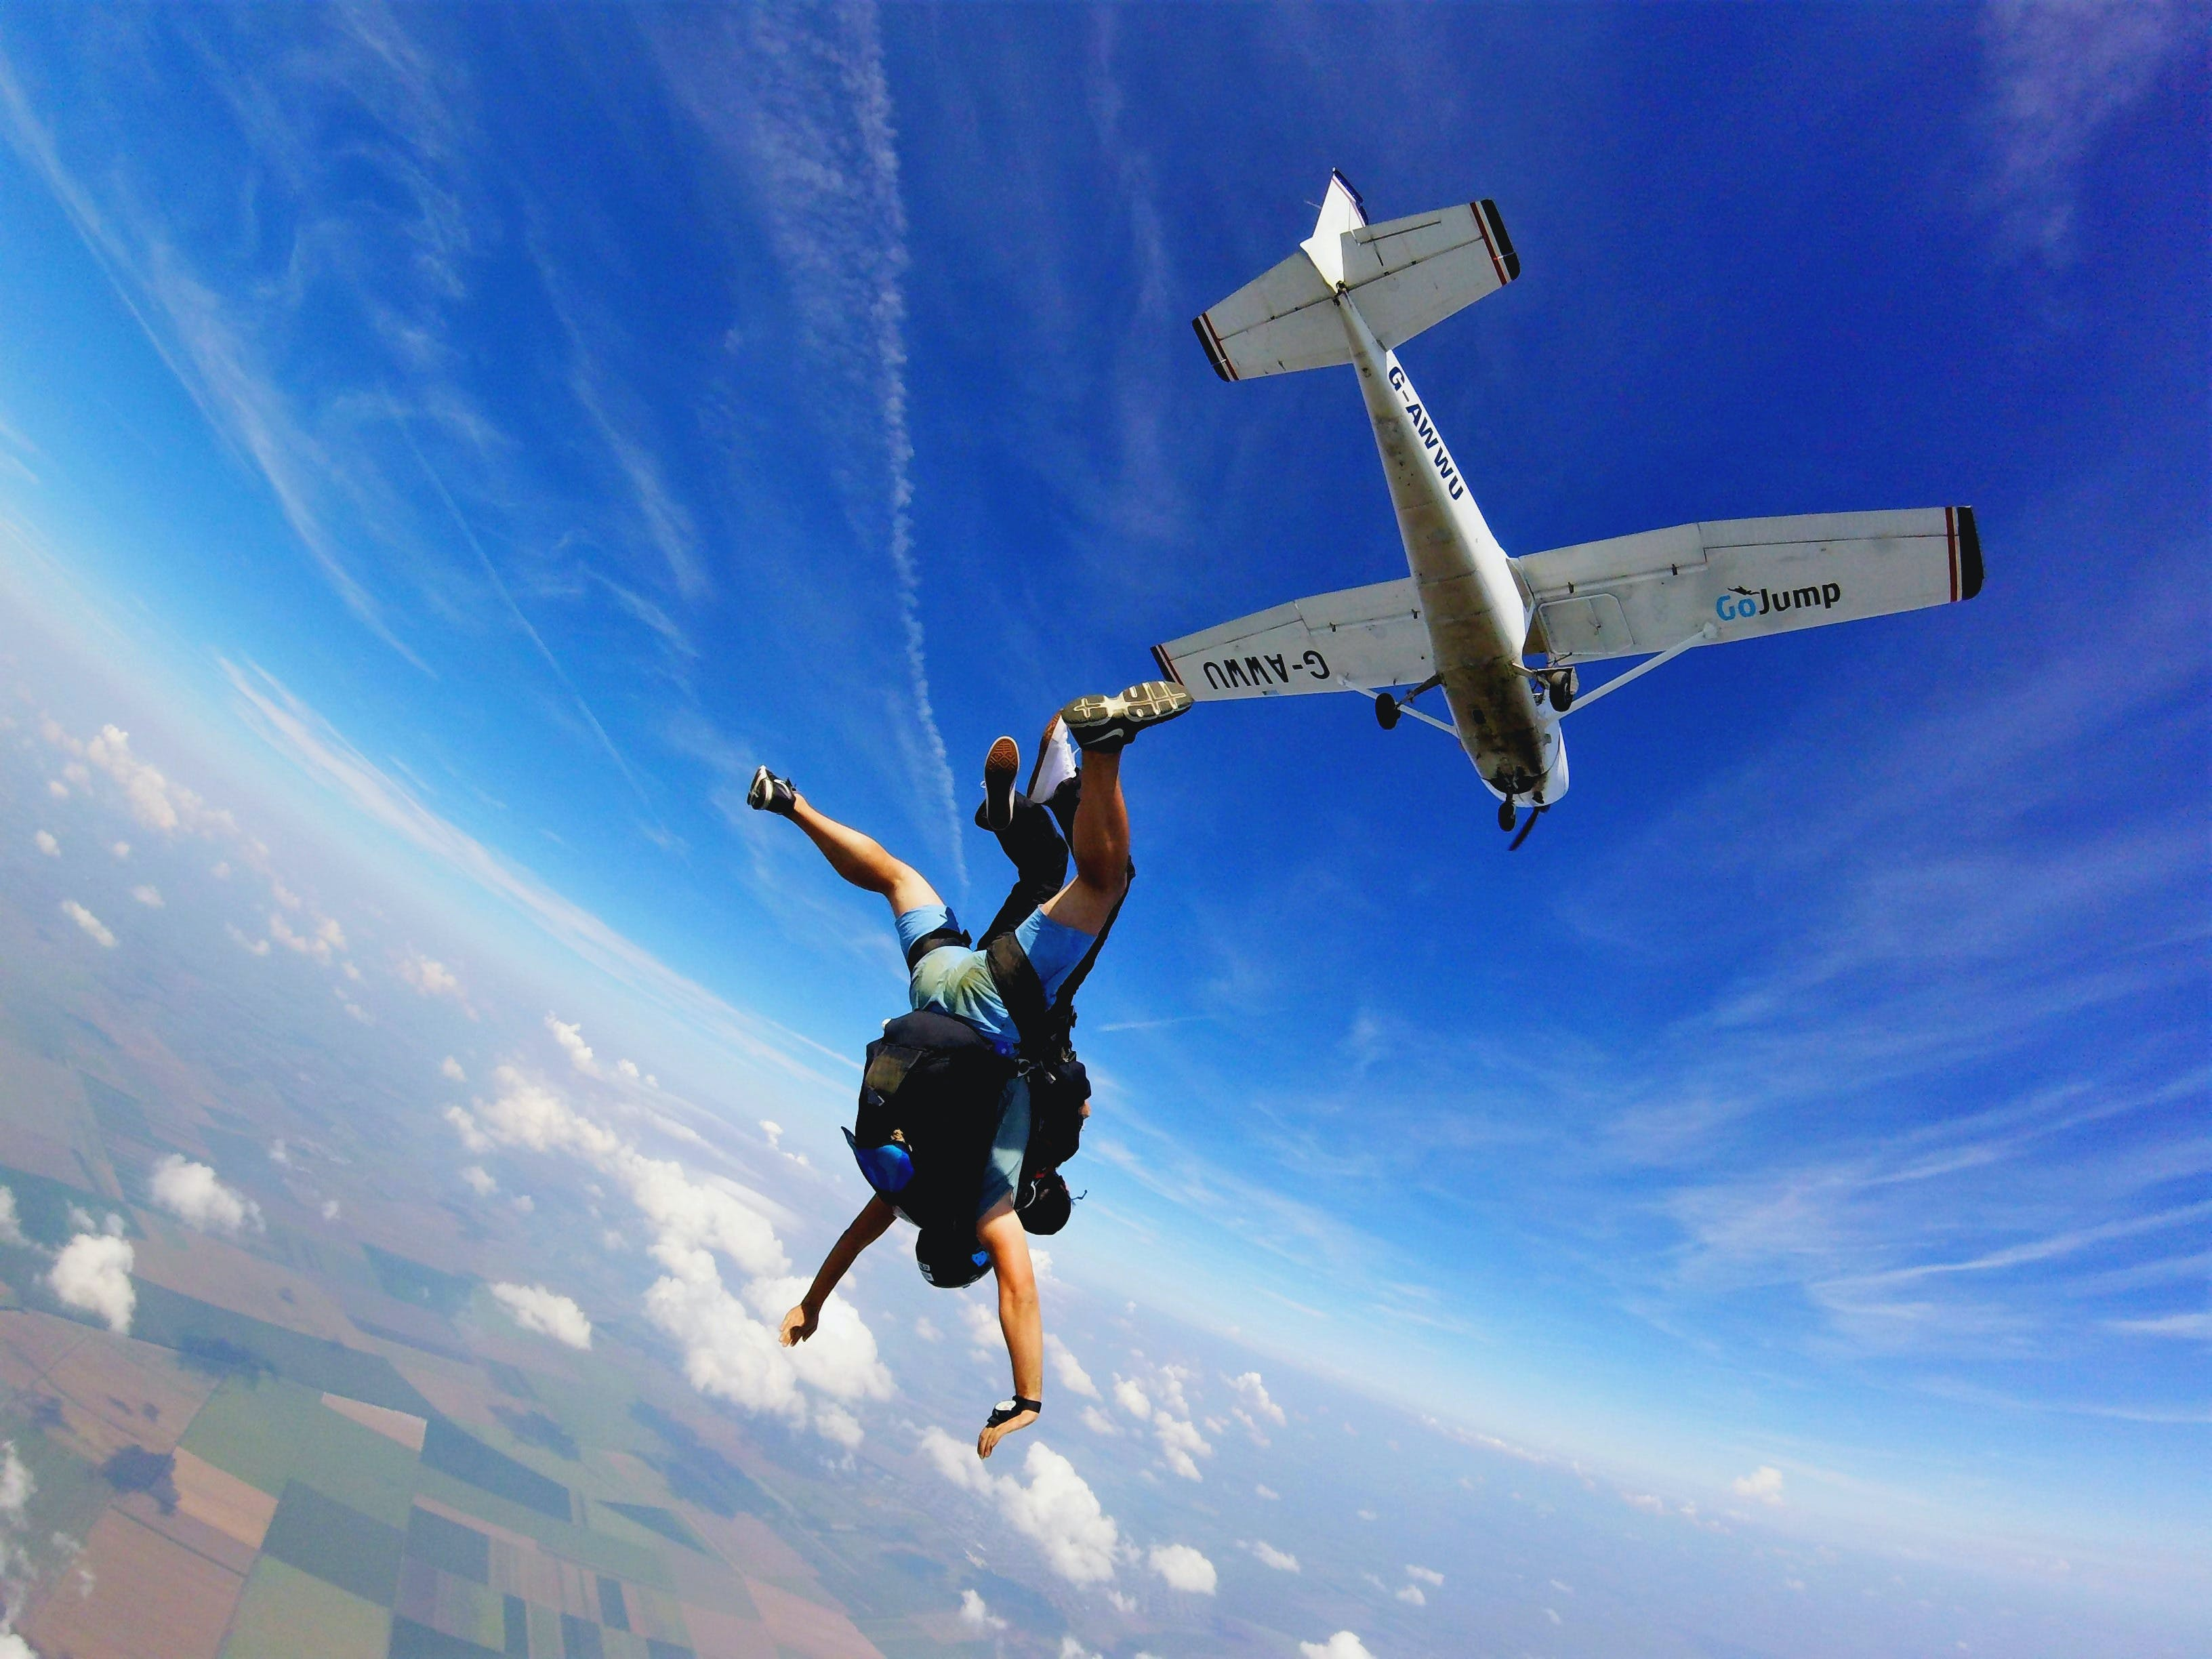 Gratis lagerfoto af blå himmel, falde fra himlen, faldskærm, flyspring